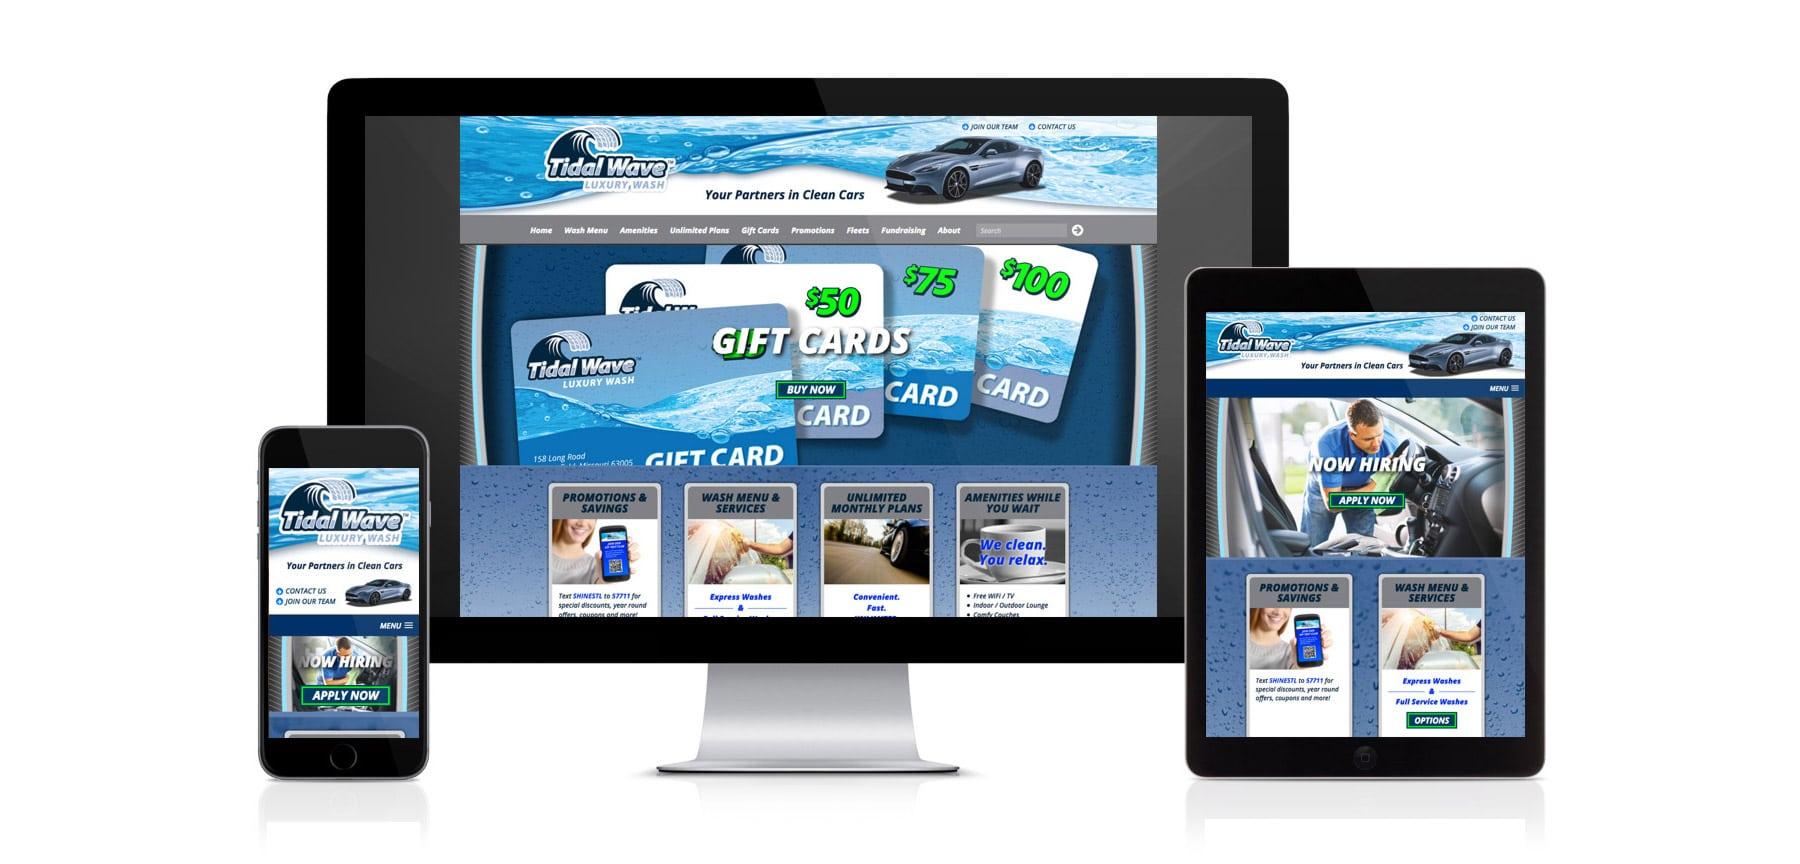 TidalWave website design branding